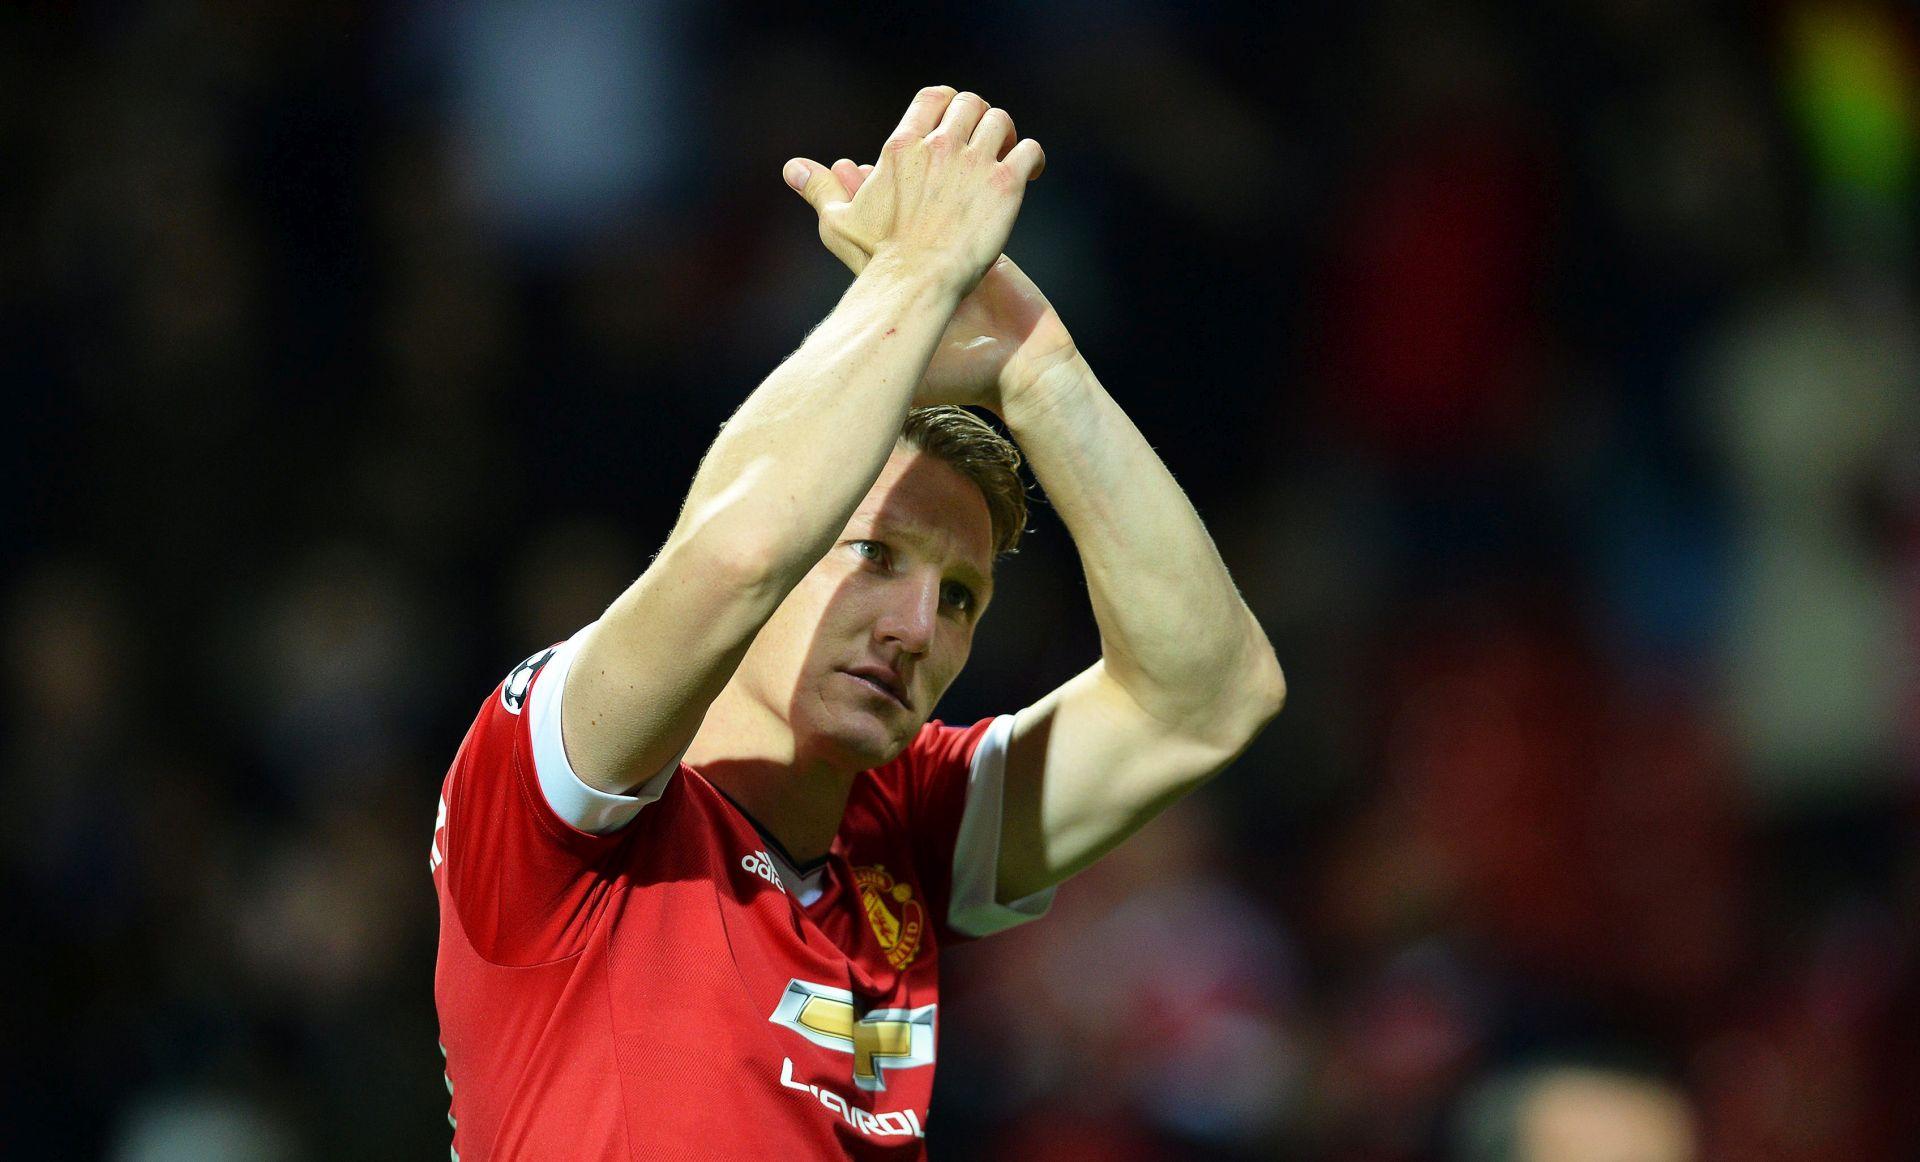 'Mourinho bi trebao u zatvor zbog zlostavljanja Schweinsteigera'